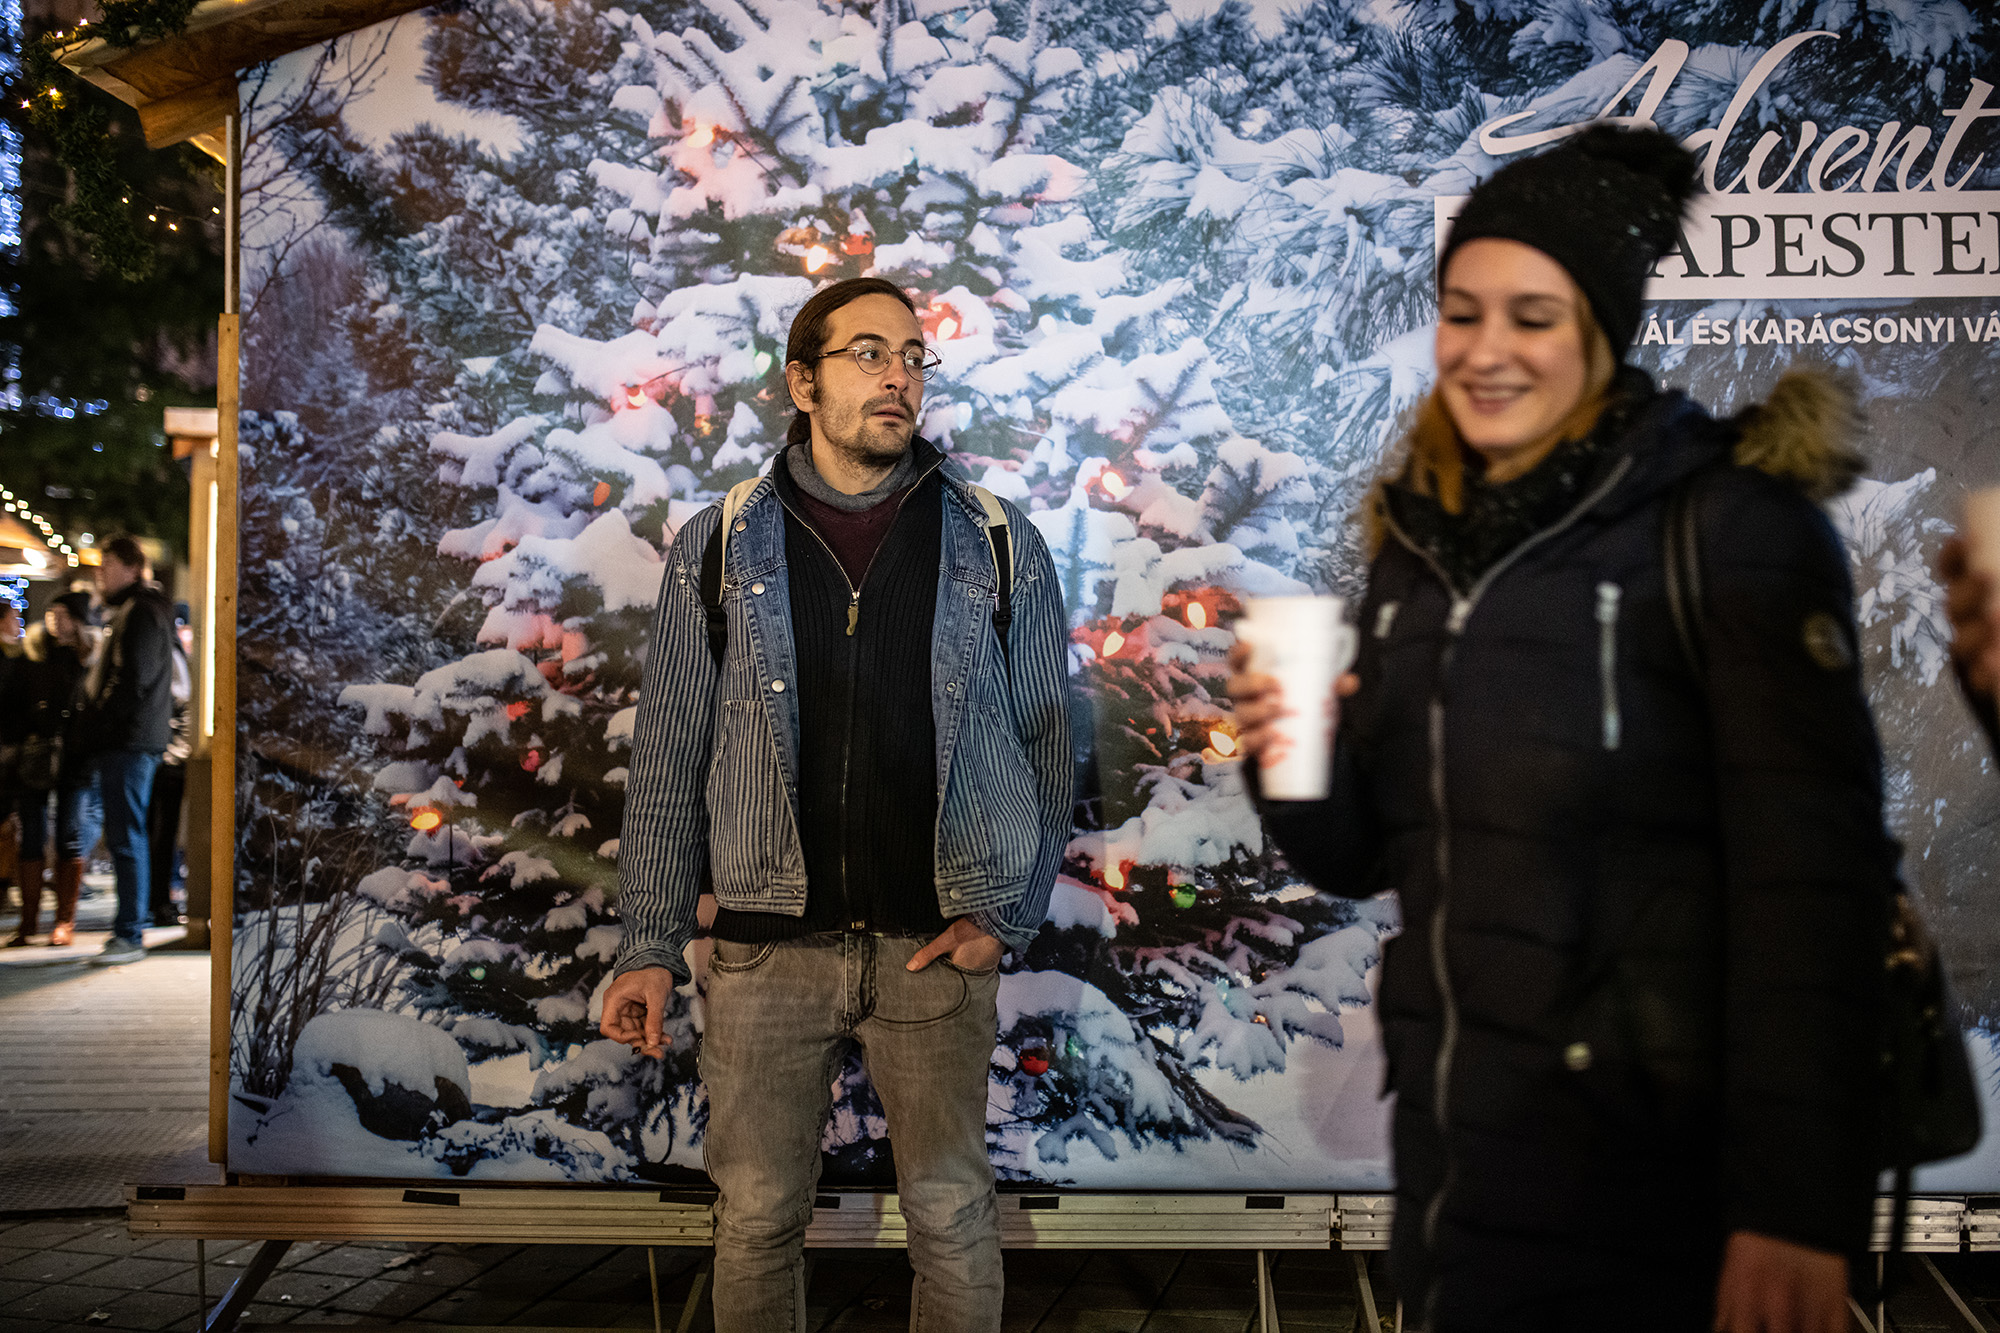 Karácsonyi vásár 2019-ben